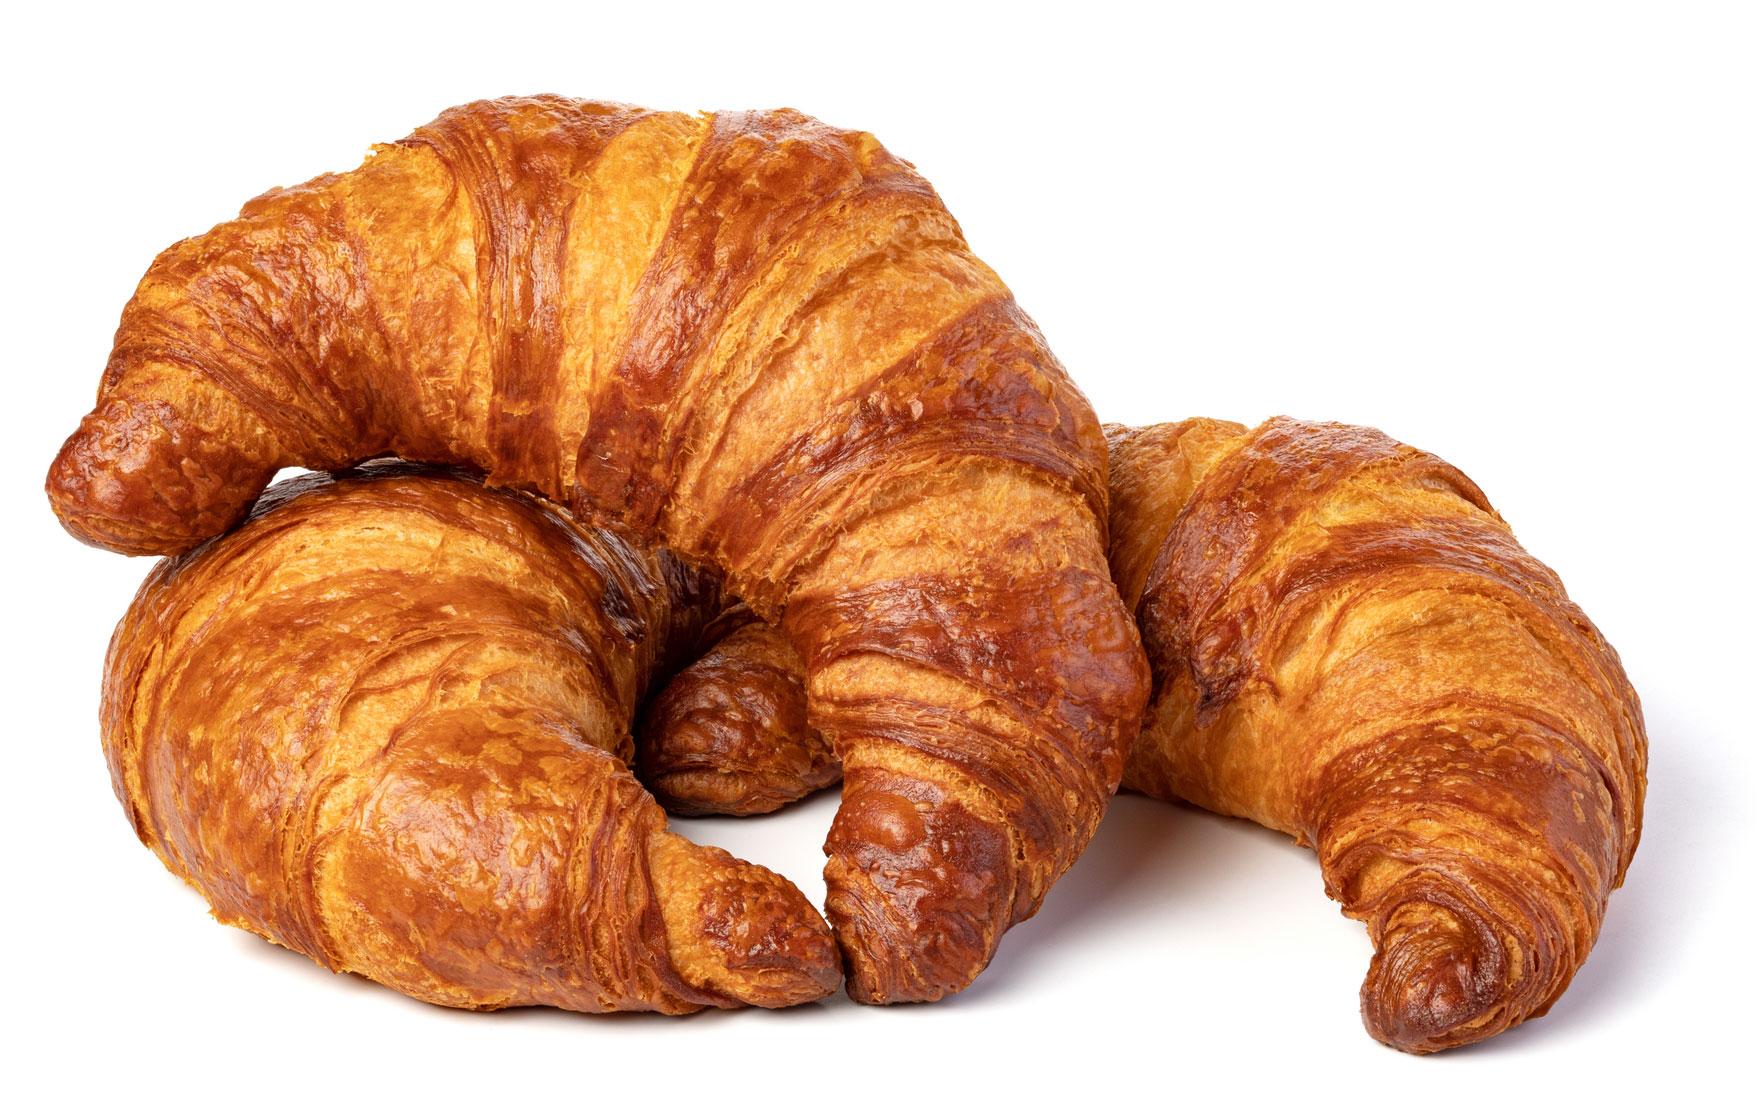 image-croissant-petit-dejeuner_crw-boutique-traiteur